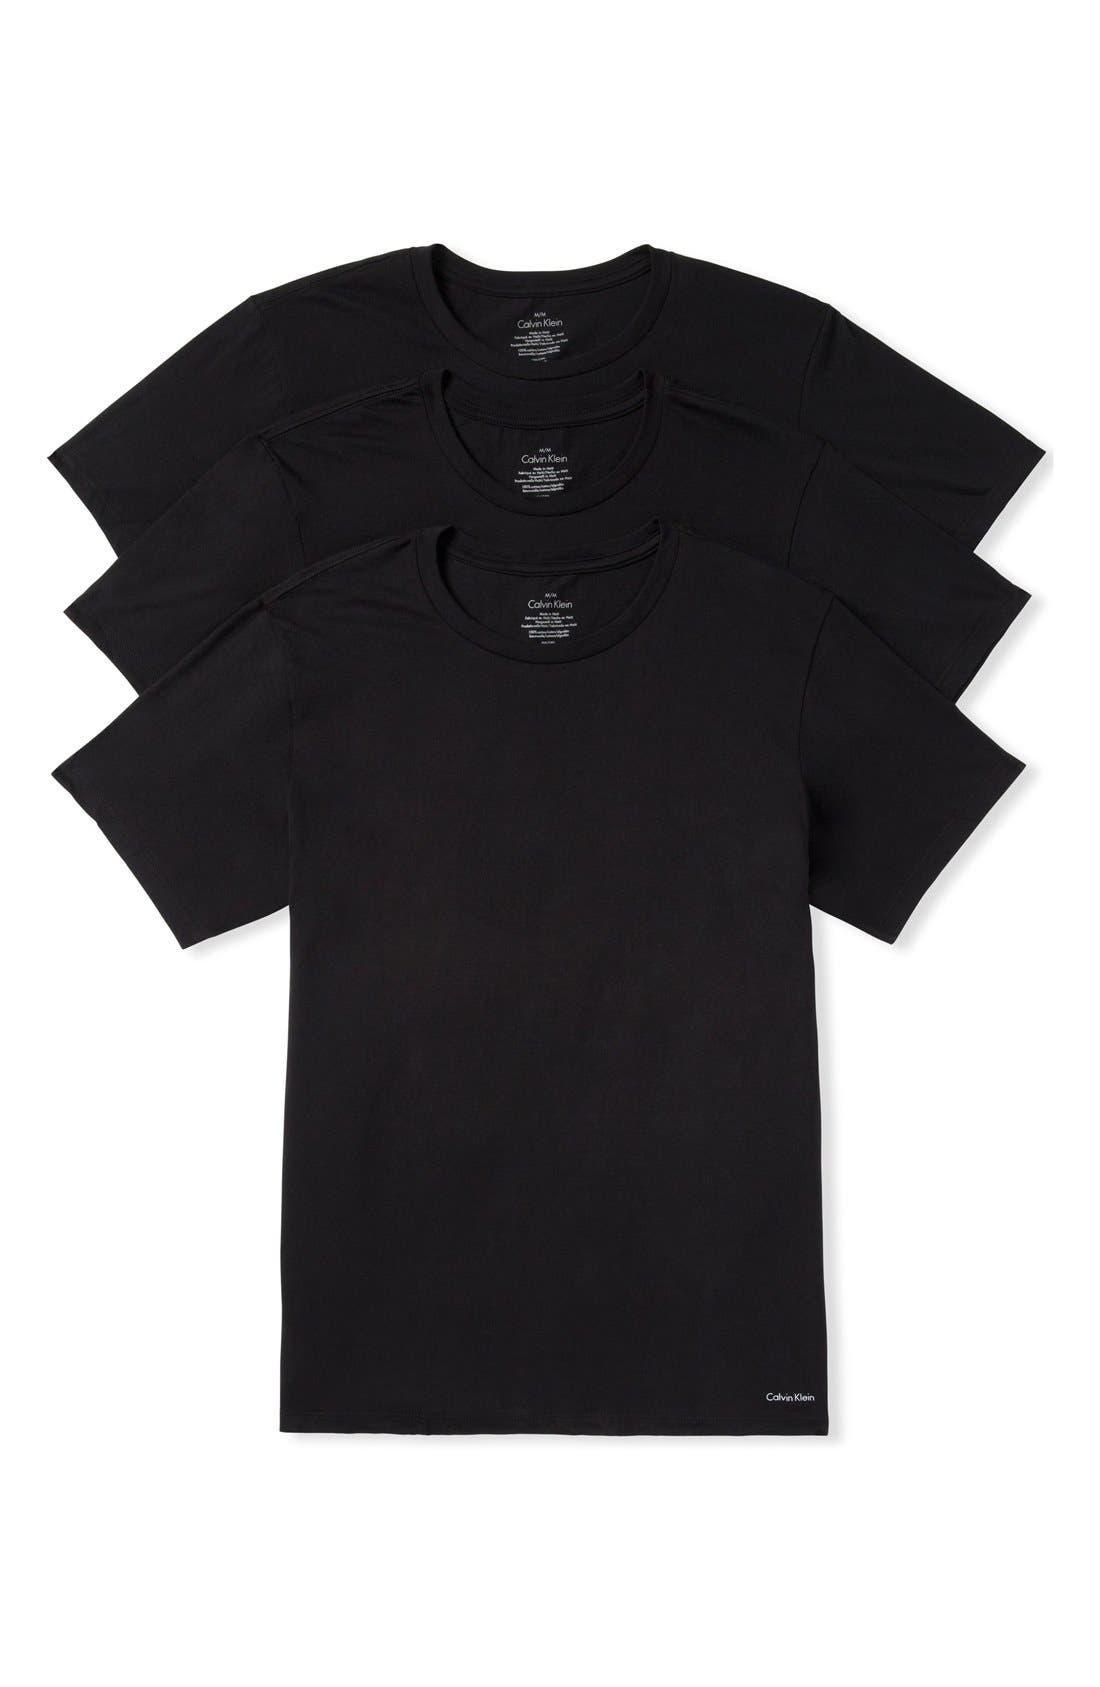 Calvin Klein 3-Pack Cotton T-Shirt | Nordstrom